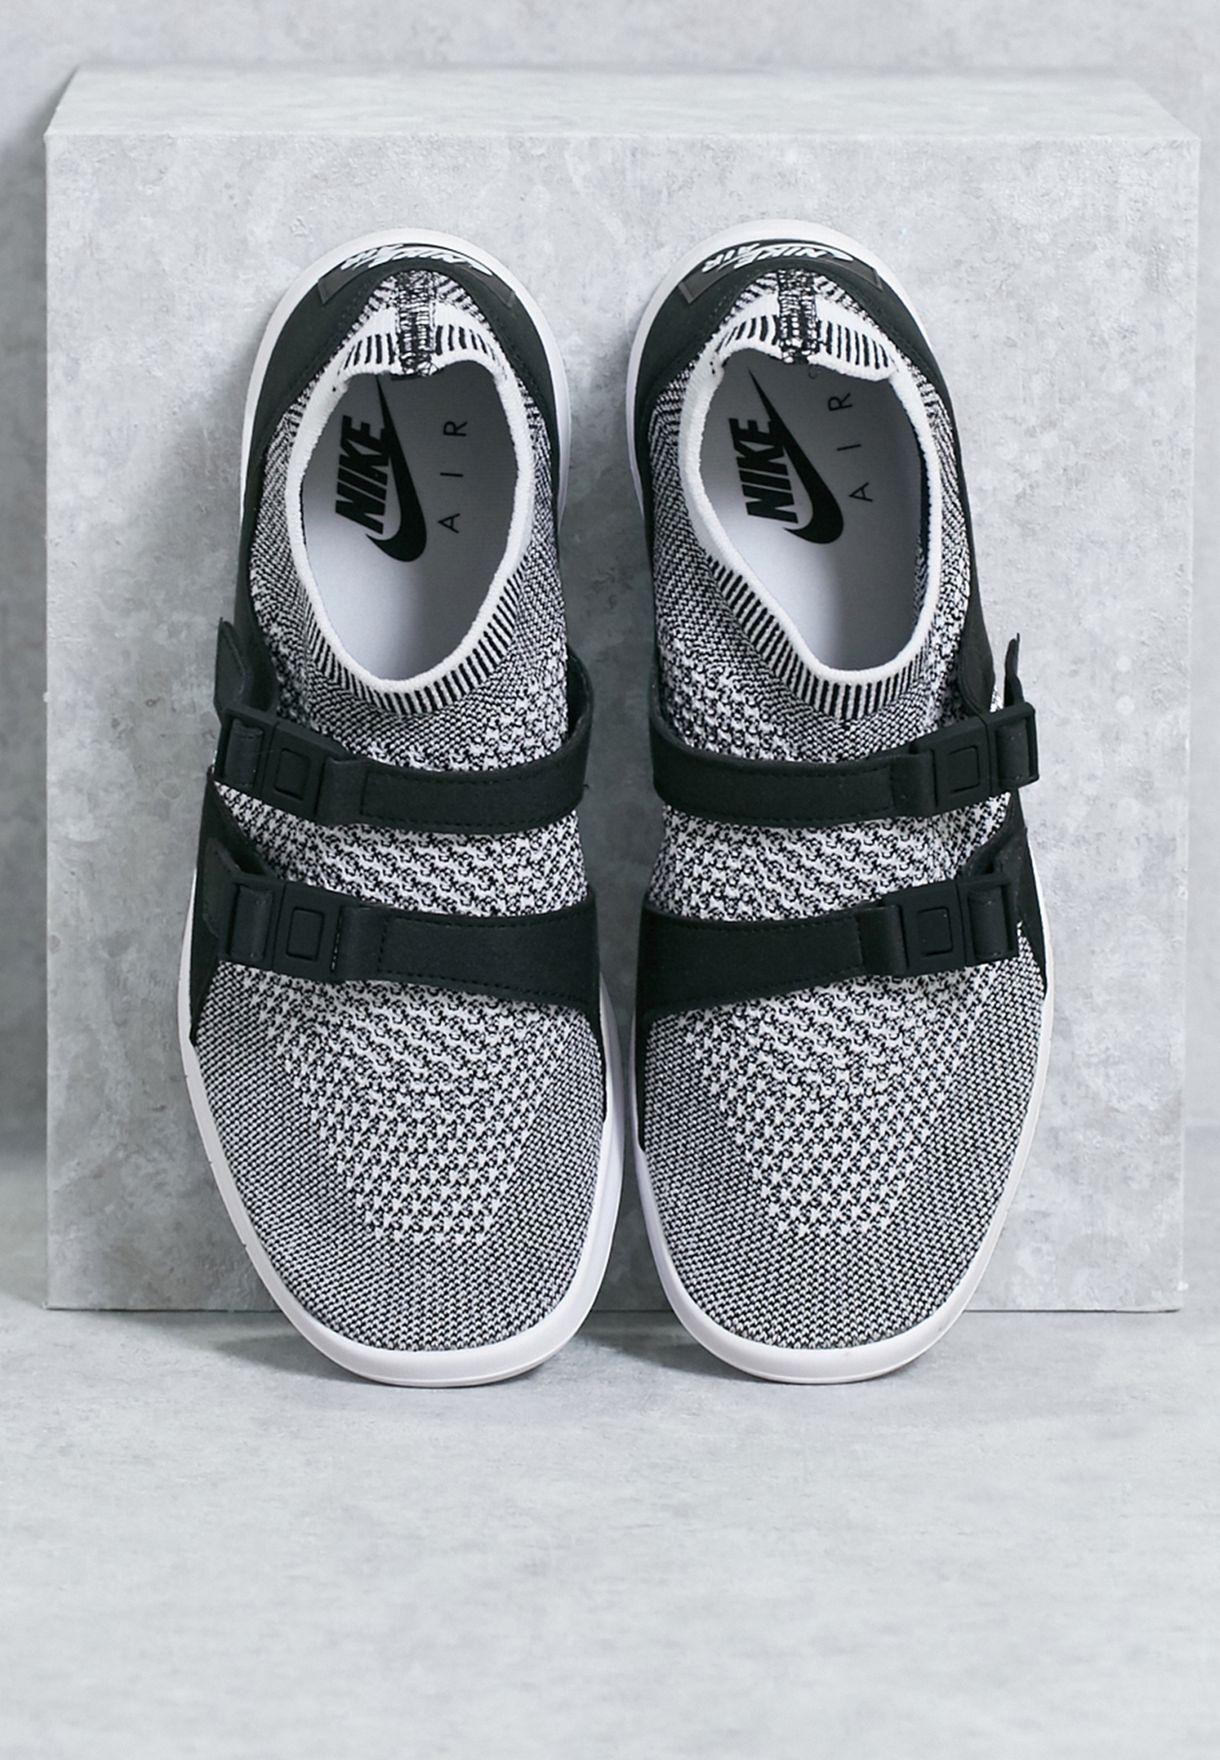 167740a556f1a Shop Nike monochrome Sock Racer Ultra Flyknit 896447-002 for Women ...